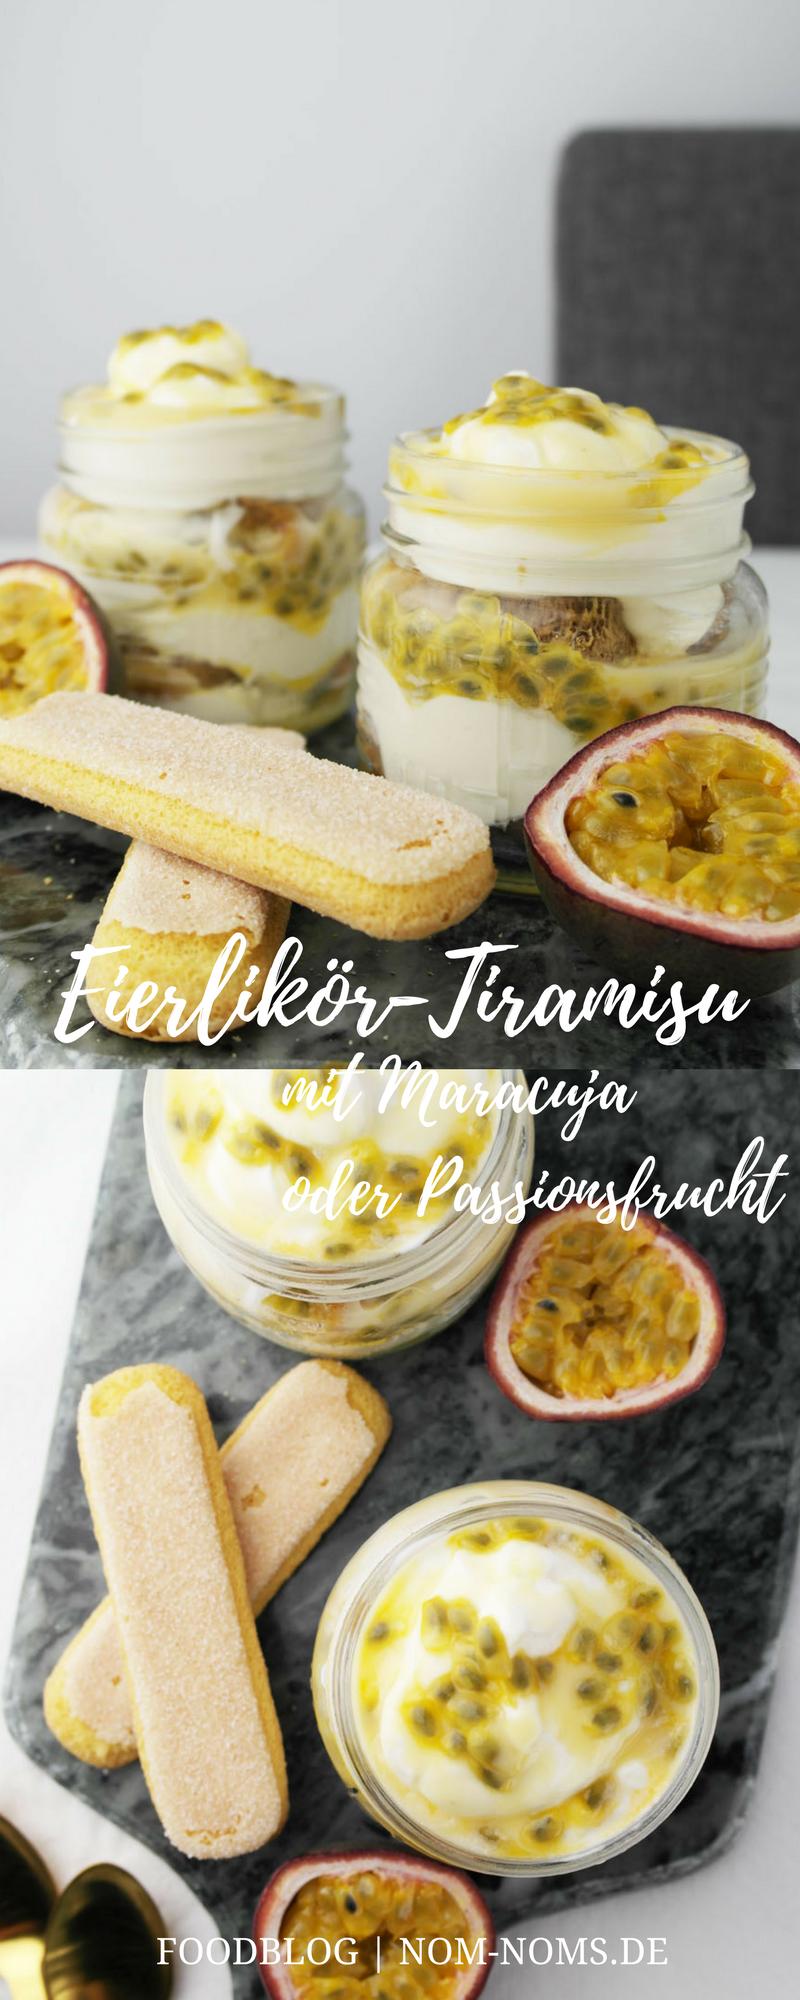 Eierlikör-Tiramisu mit Maracuja oder Passionsfrucht ❤